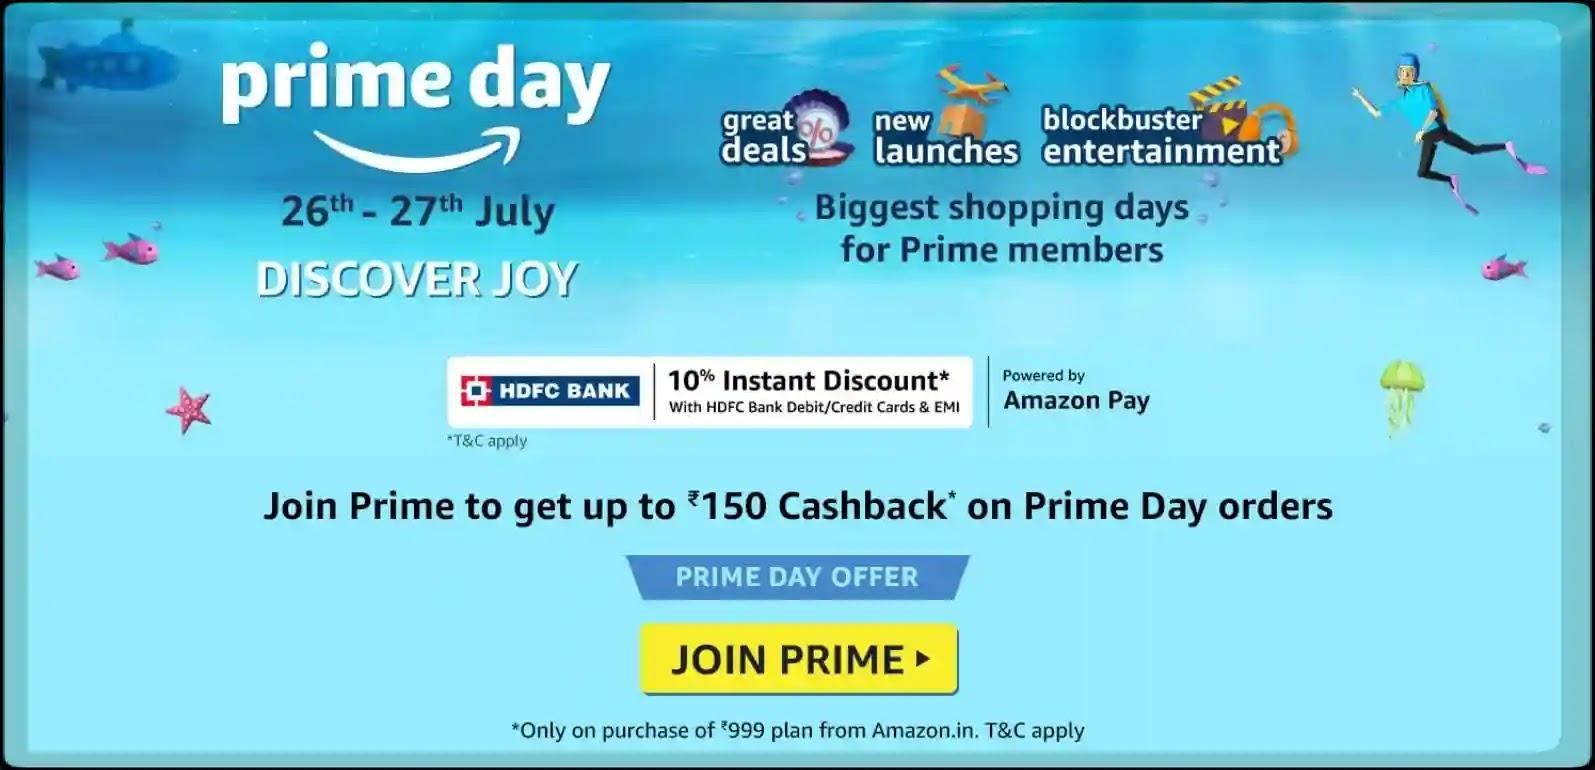 Amazon Prime Day 2021 - Free Amazon Prime Membership